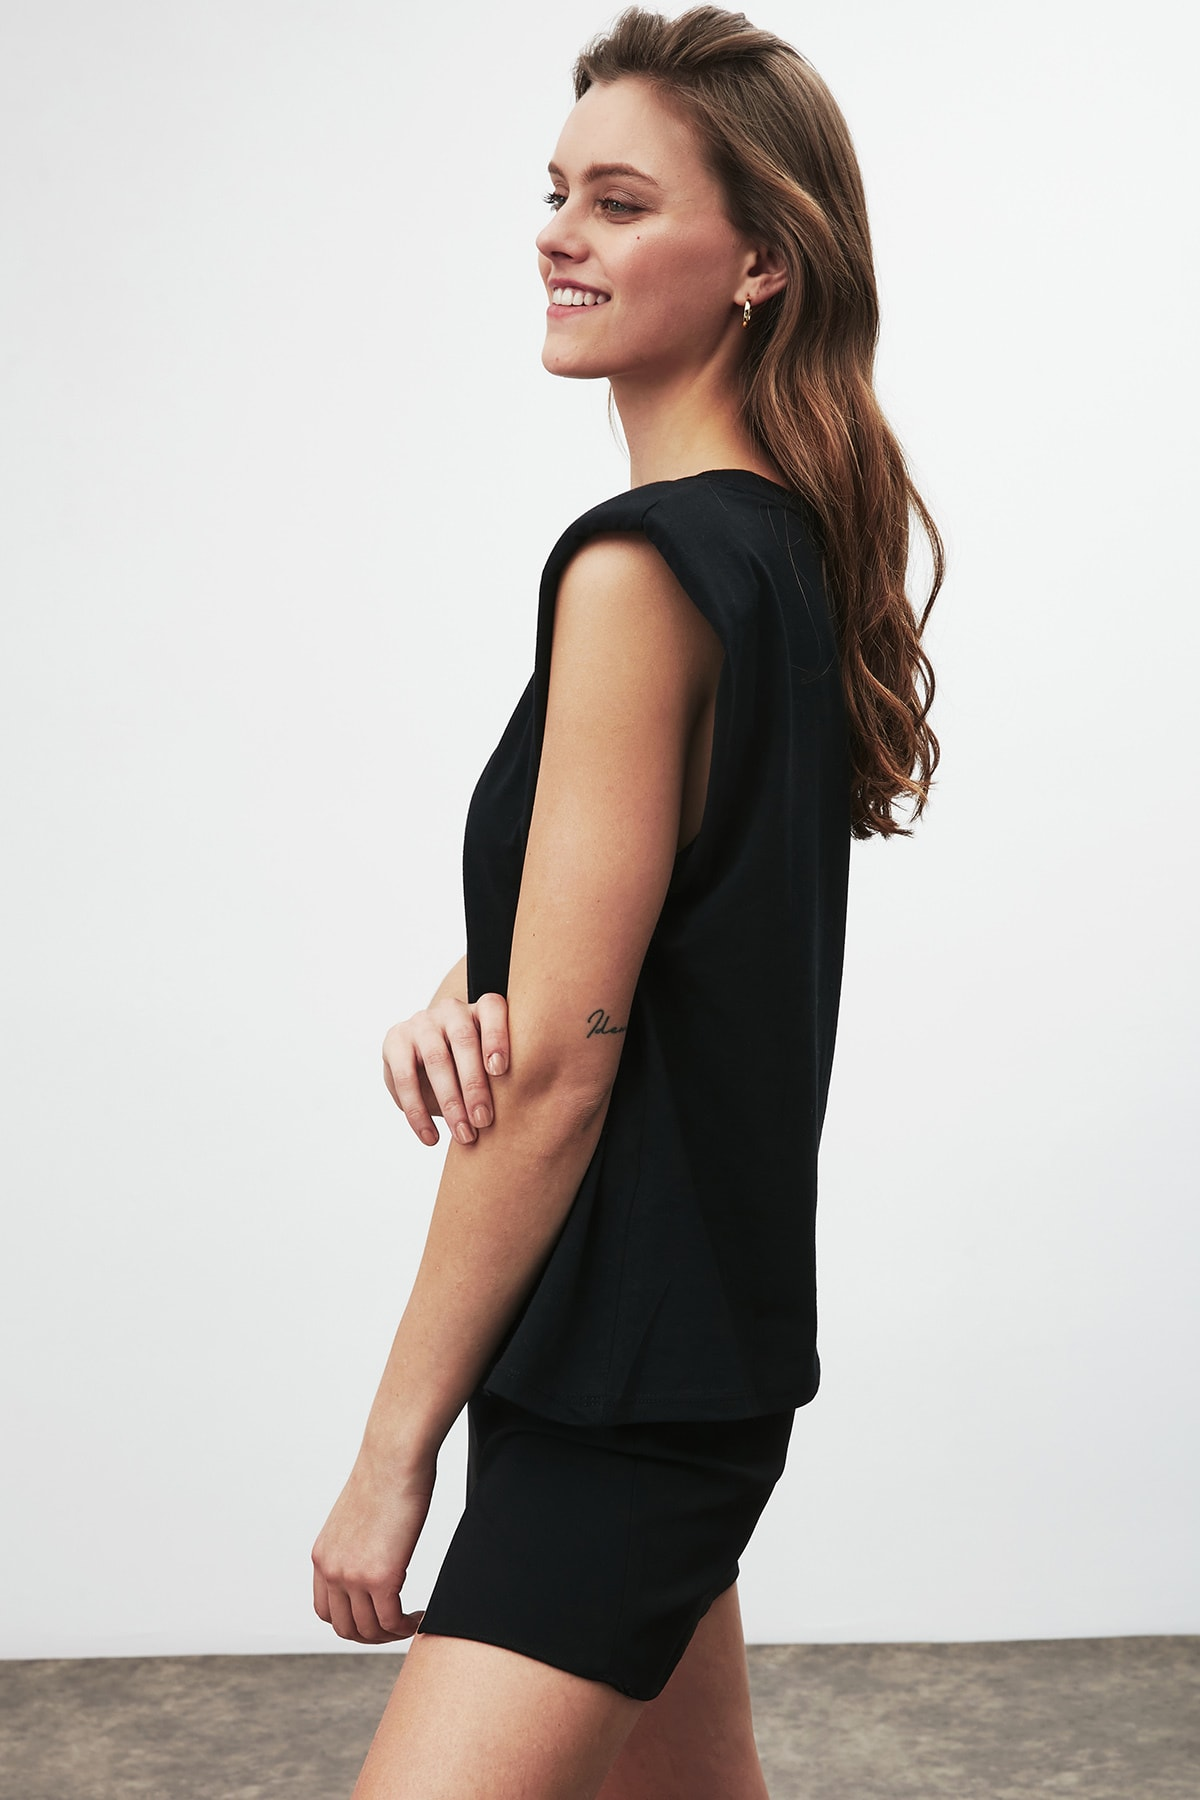 GRIMELANGE Luna Kadın Siyah Omuzları Vatkalı Kolsuz T-shirt 3